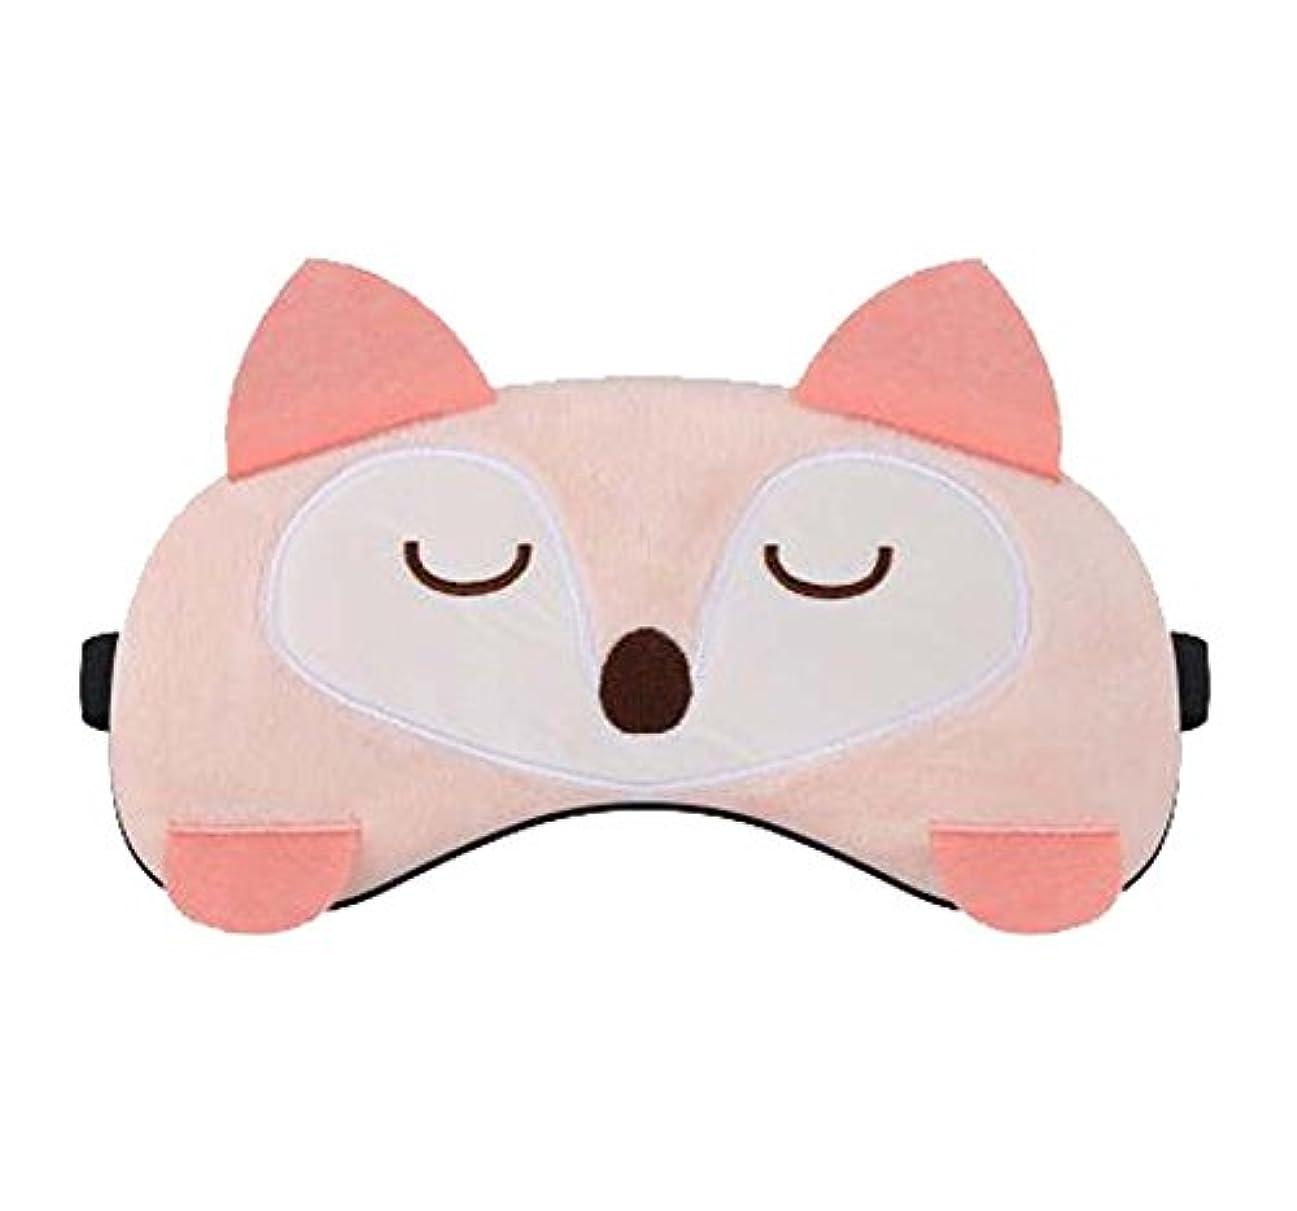 タヒチ圧縮消去かわいい睡眠マスクアイマスク - セラピー不眠症 - 男性、女性、女の子、子供、A